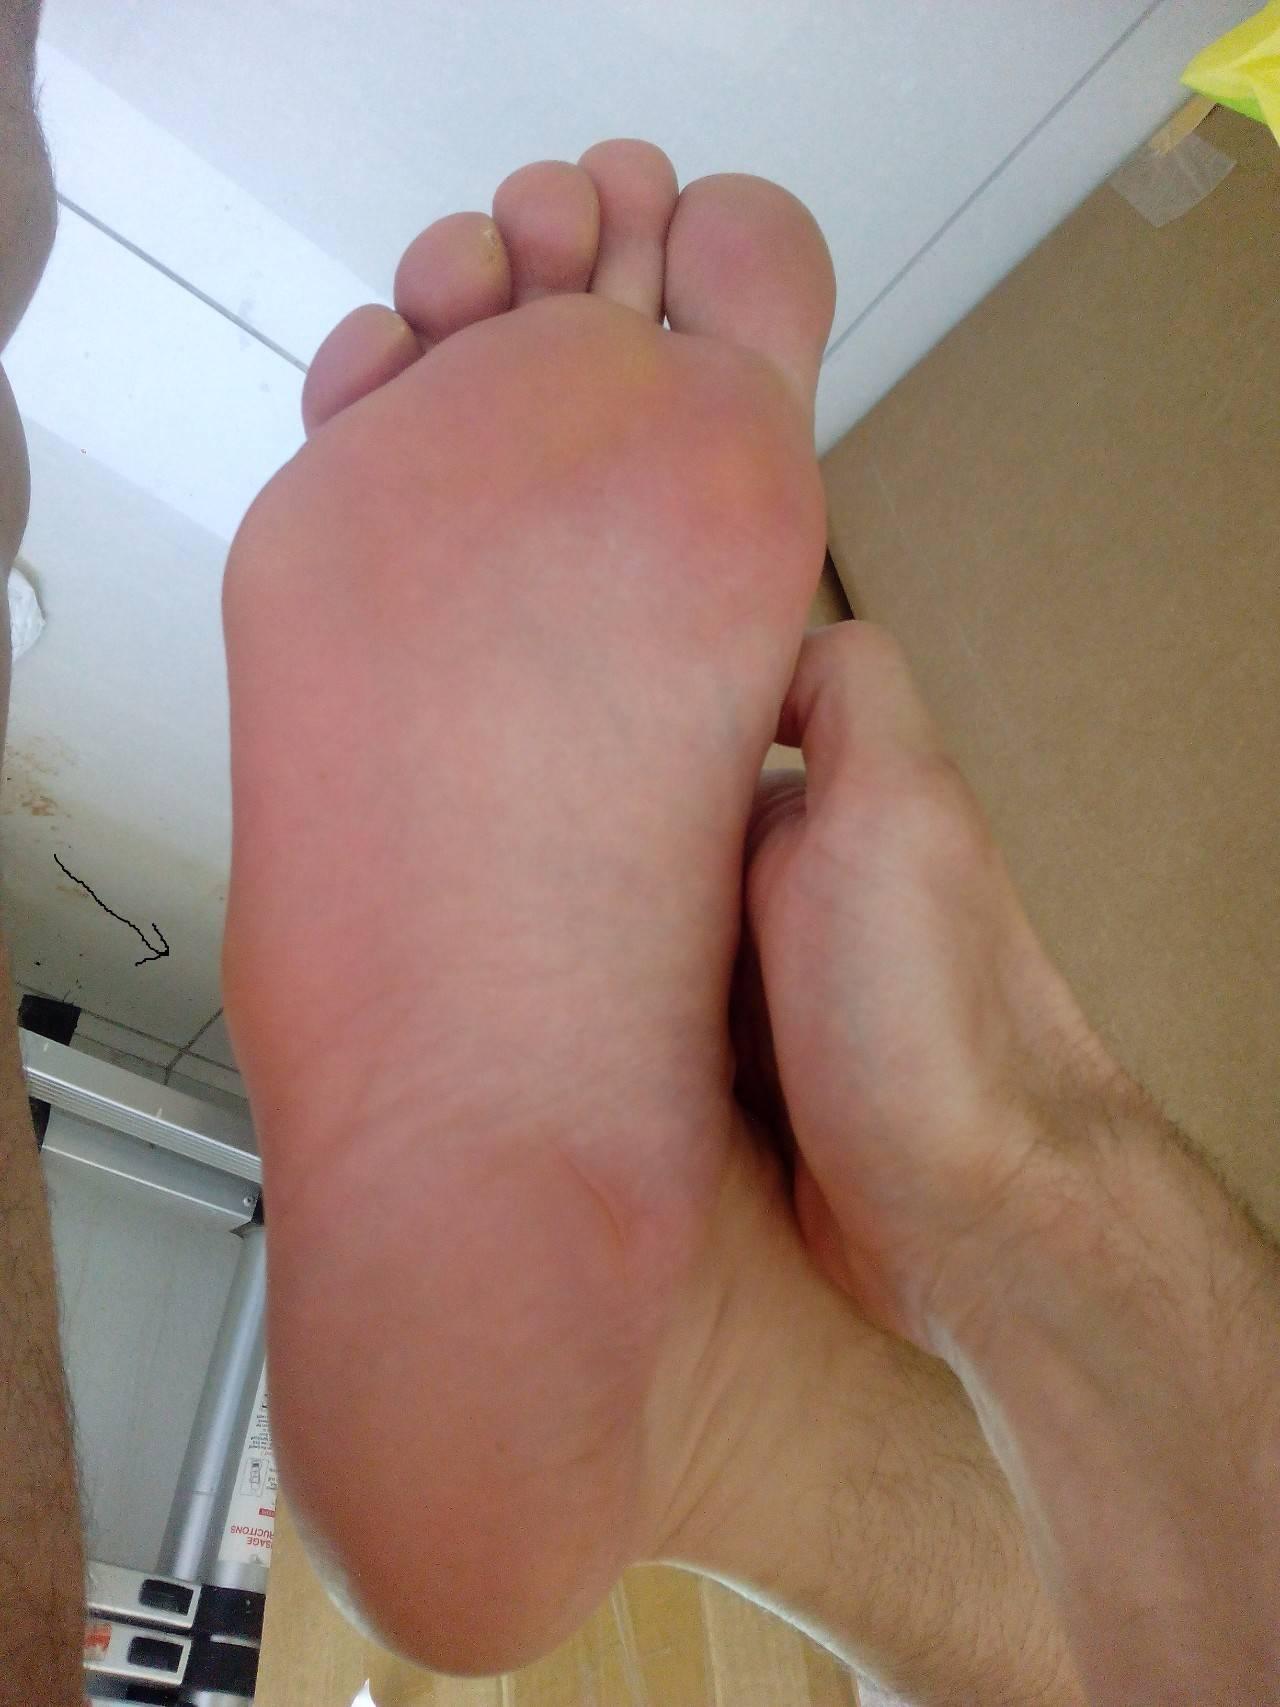 Гигрома стопы: что это, причины, симптомы, лечение, фото